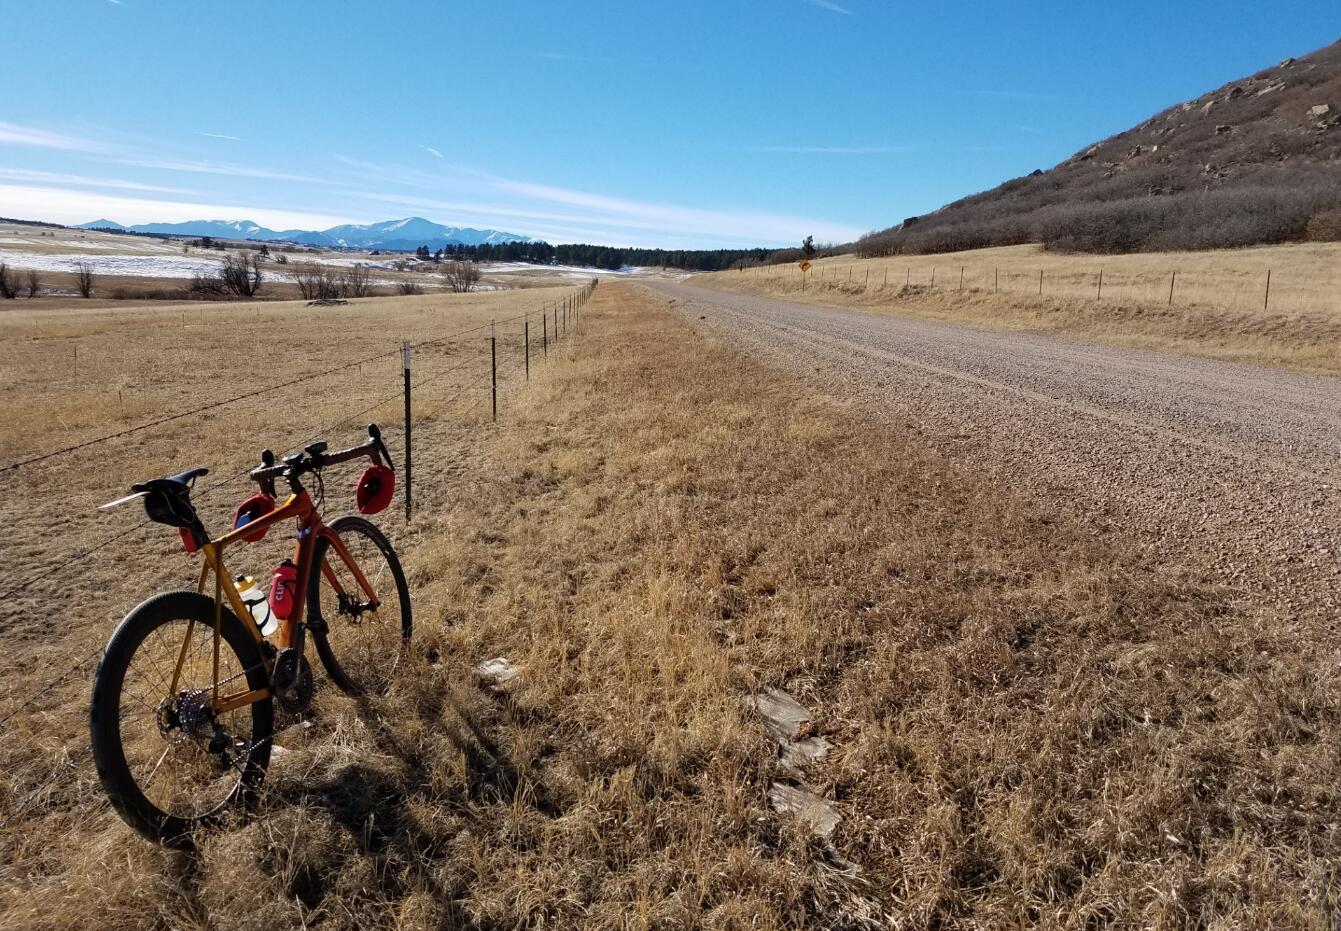 road rim 700C rim 700c bike carbon fiber rim